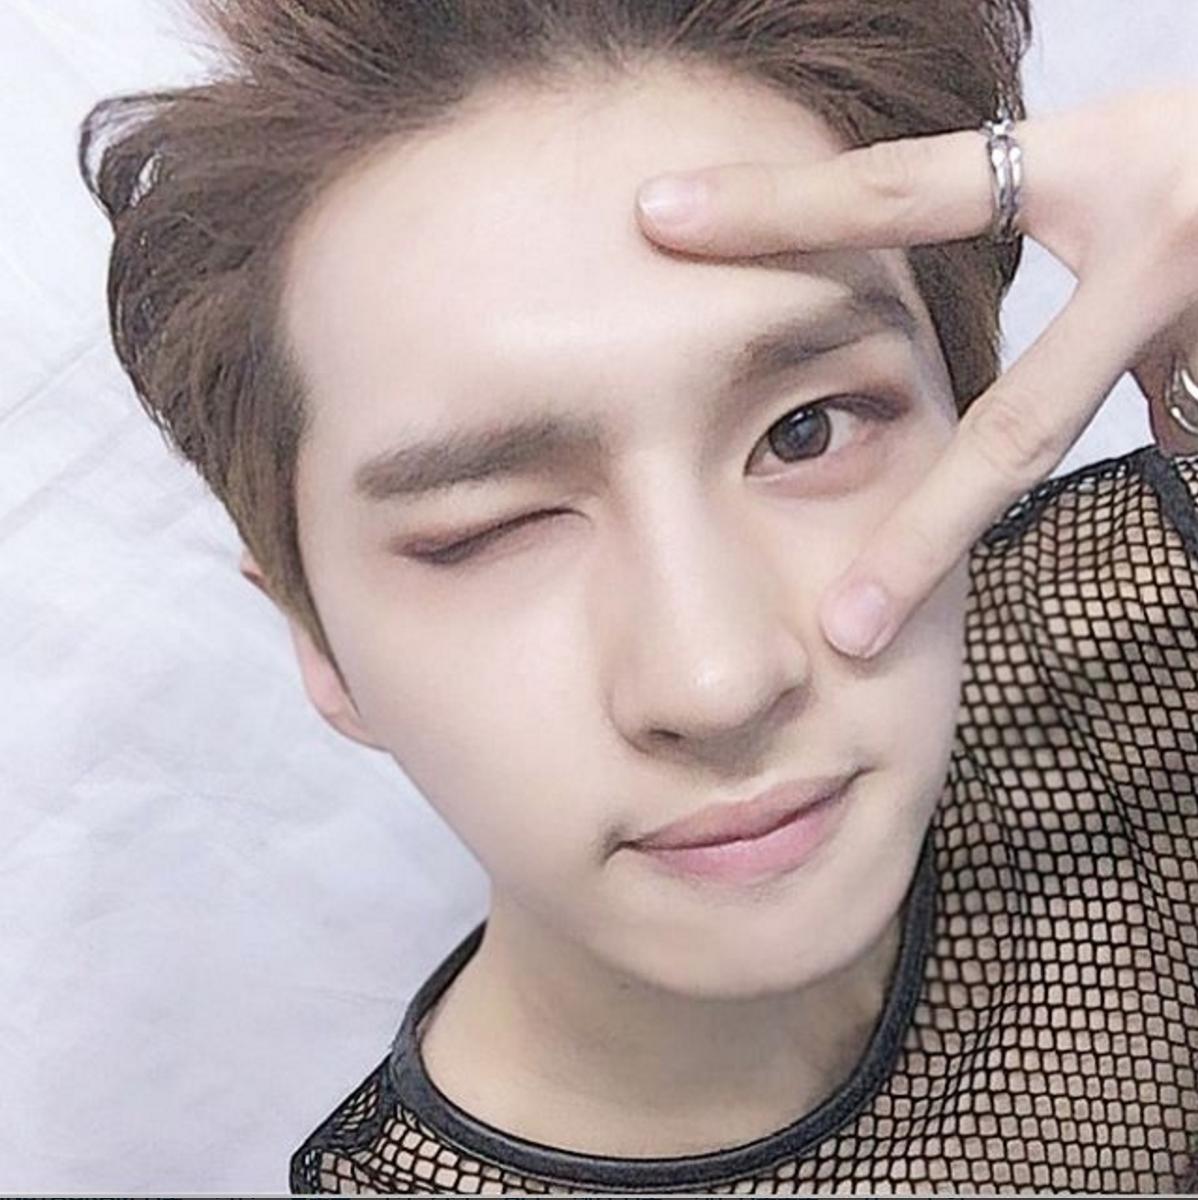 VIXX's Ken Joins Instagram